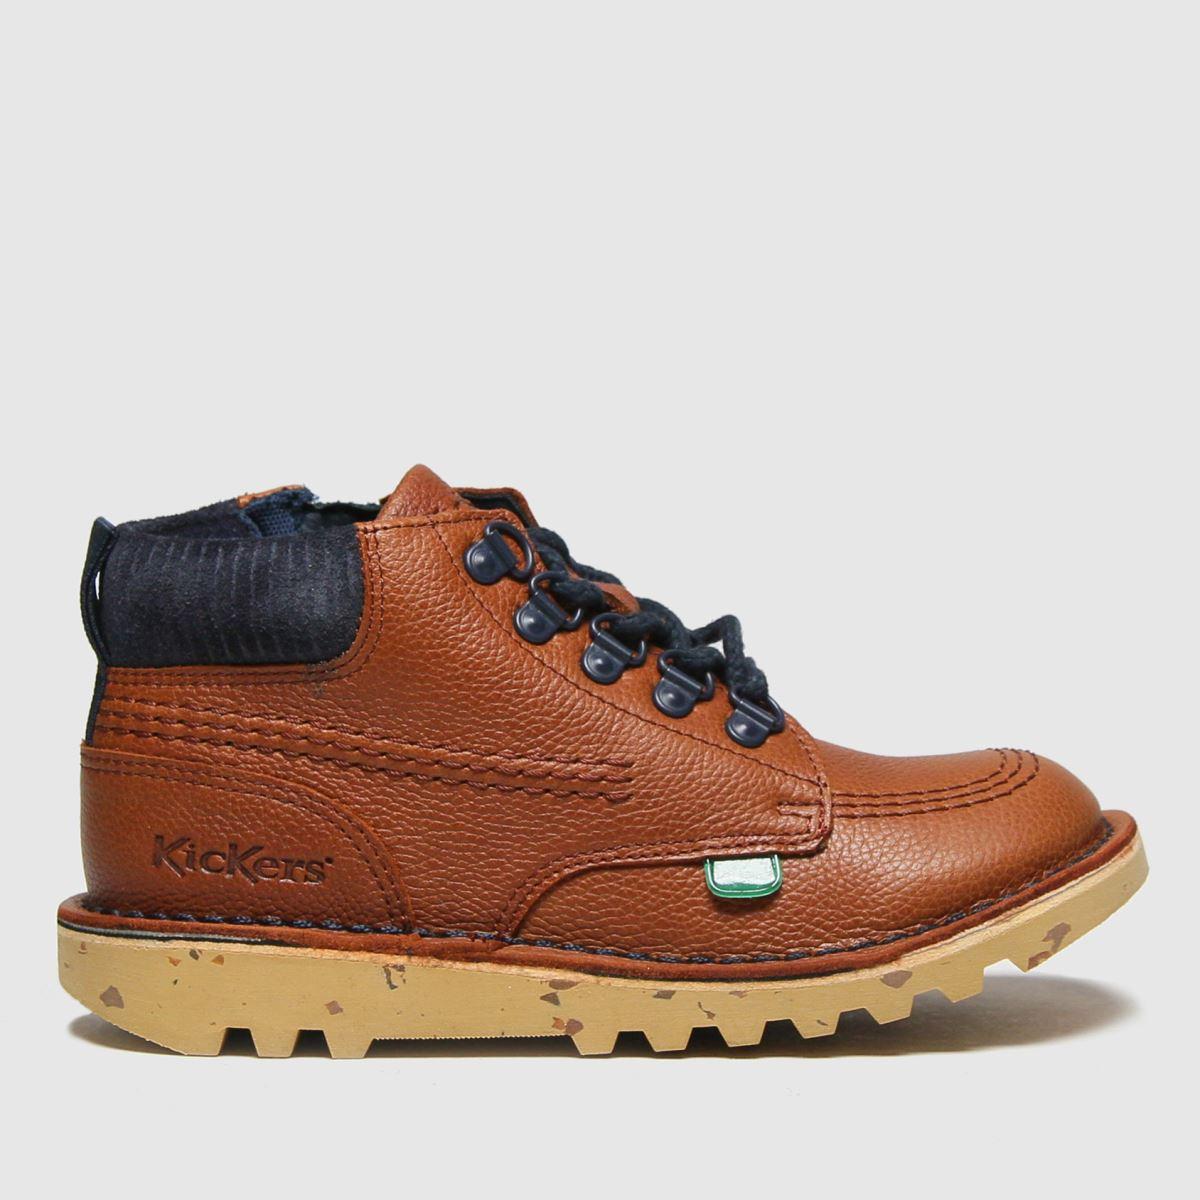 Kickers Tan Hi Winter Boots Junior